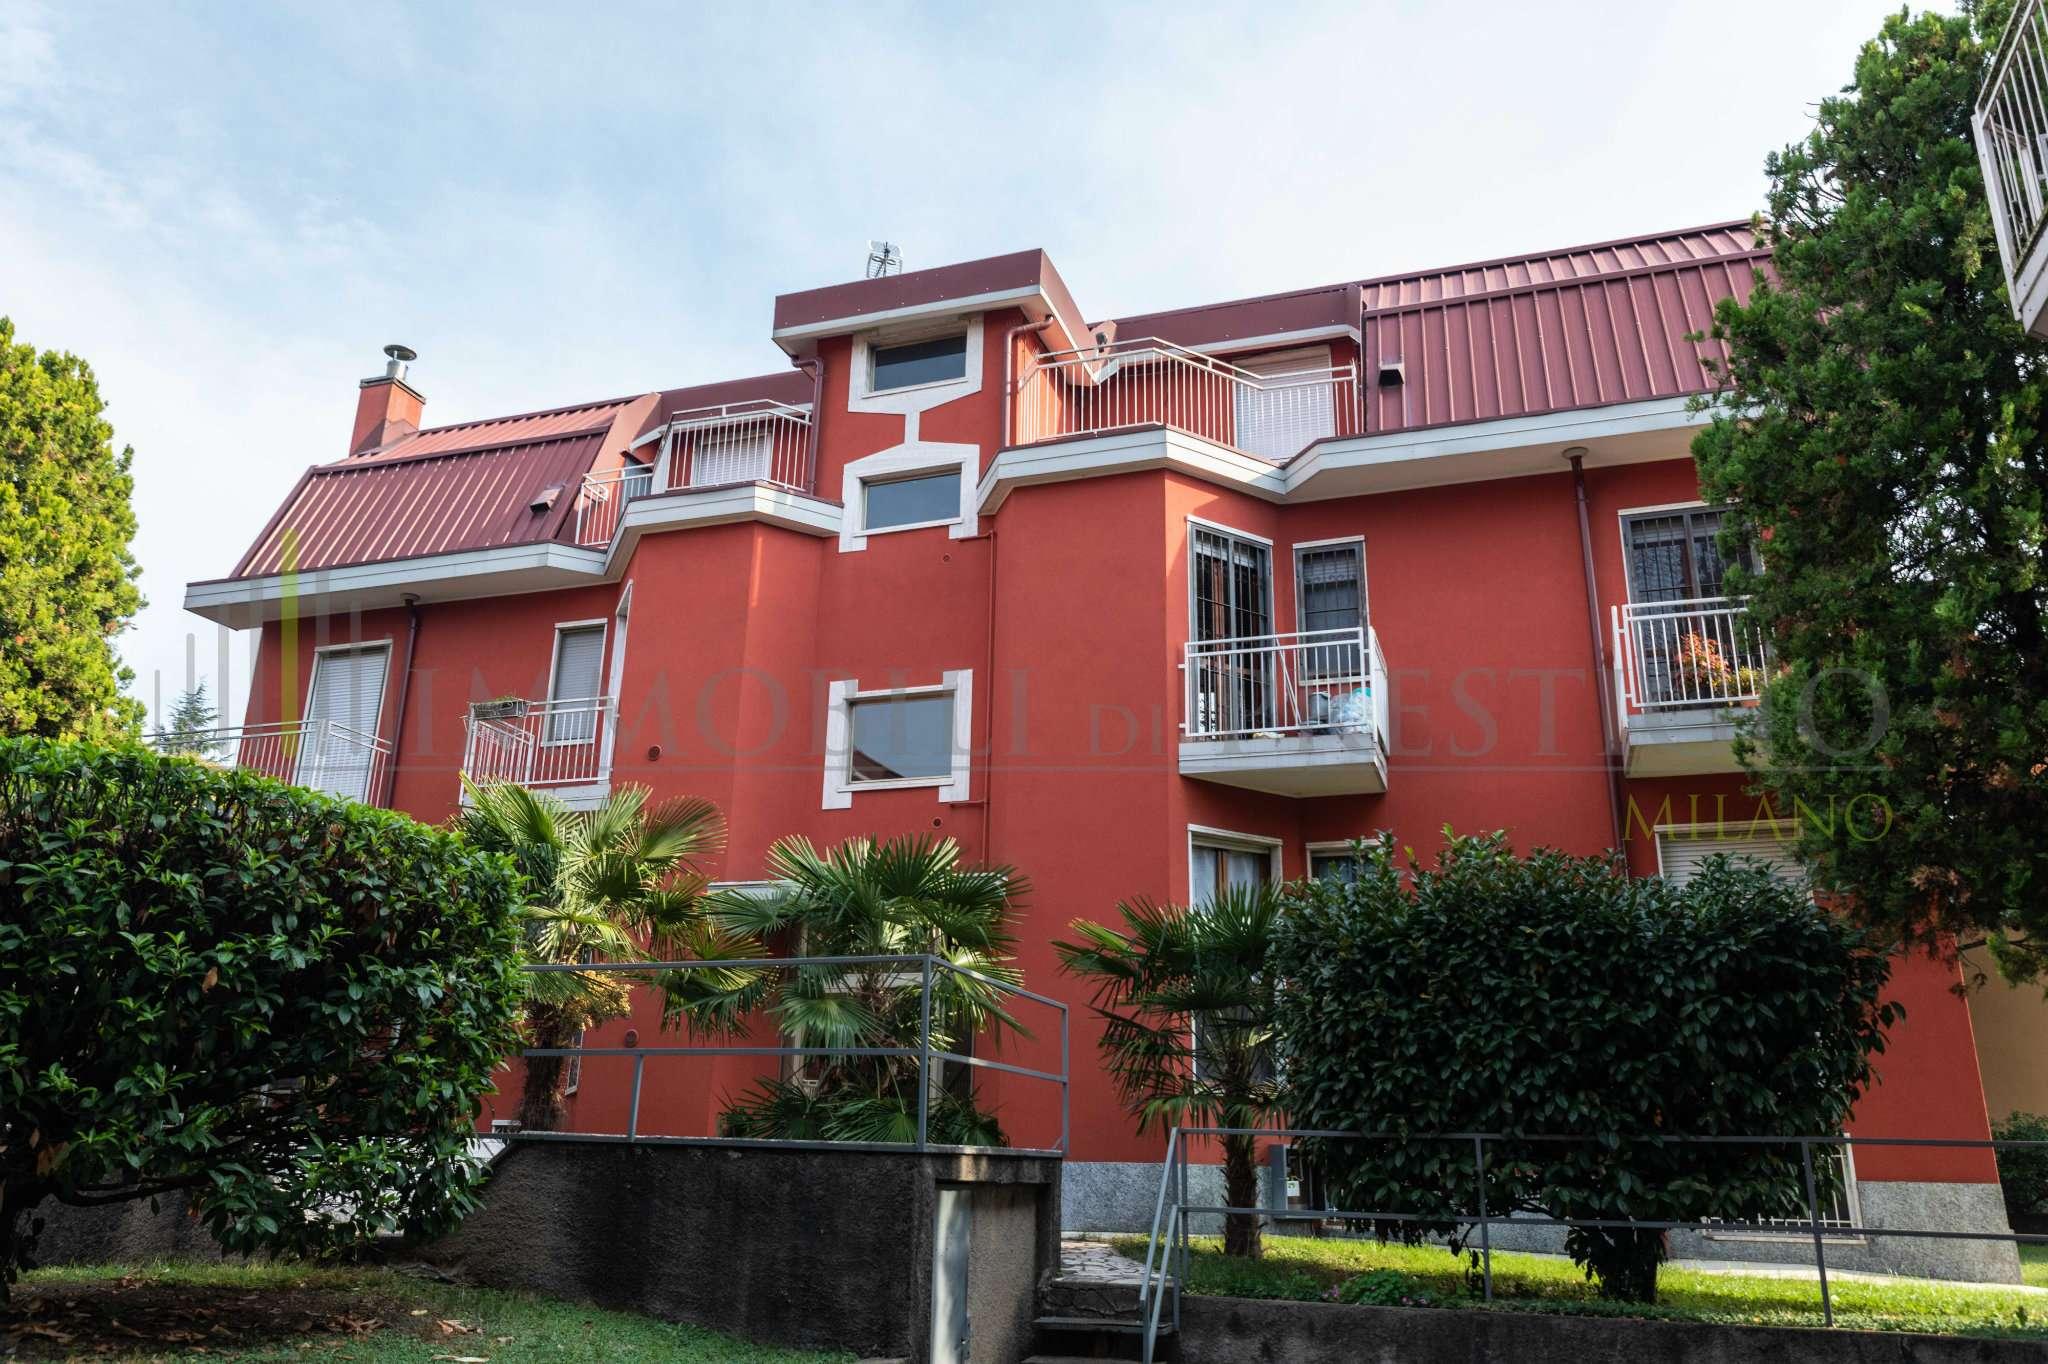 Appartamento ristrutturato in vendita Rif. 8258620